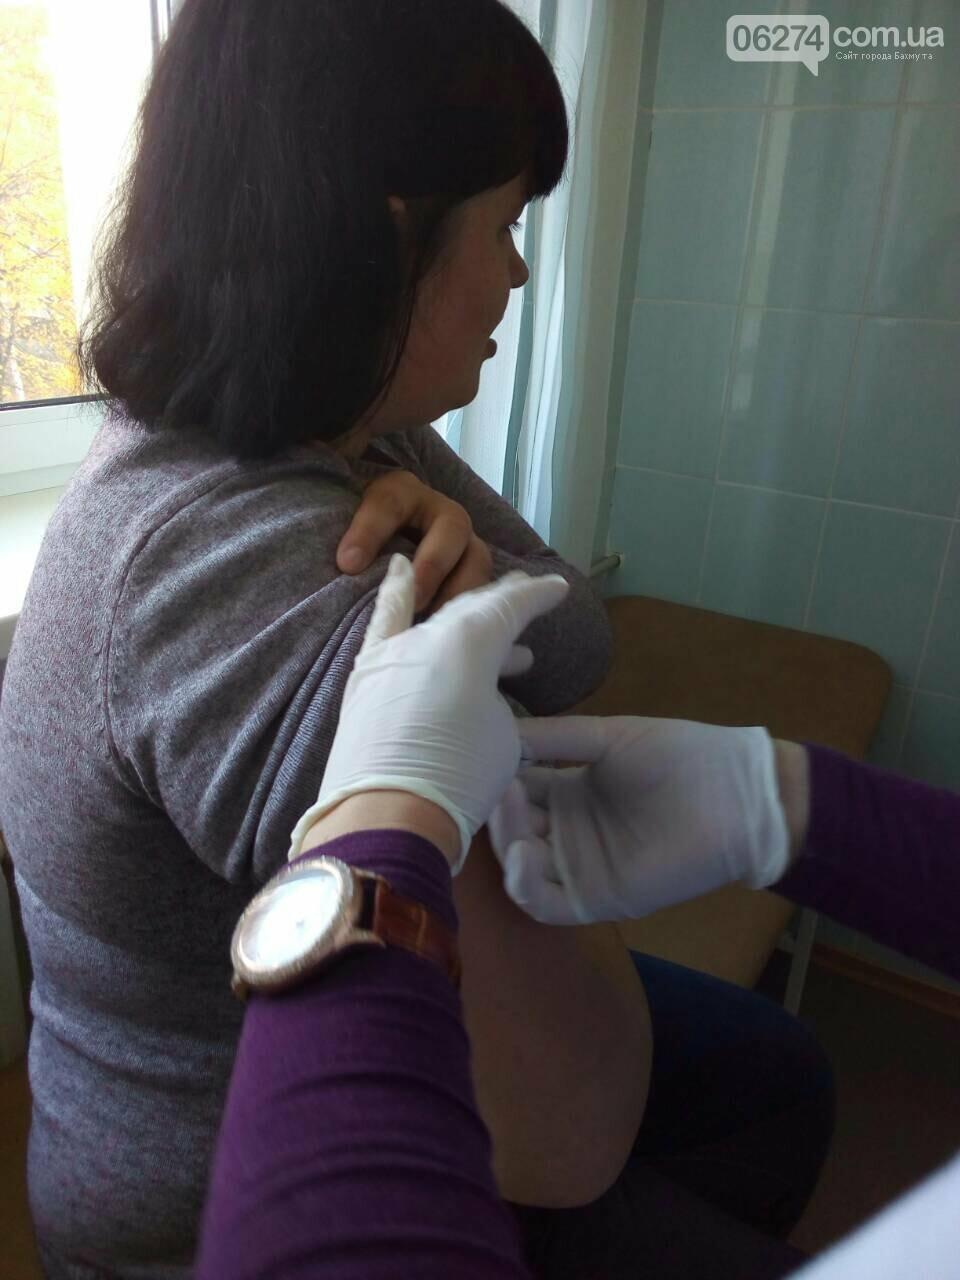 Медицинские работники «первички» Бахмута готовятся к эпидемическому сезону гриппа, фото-6